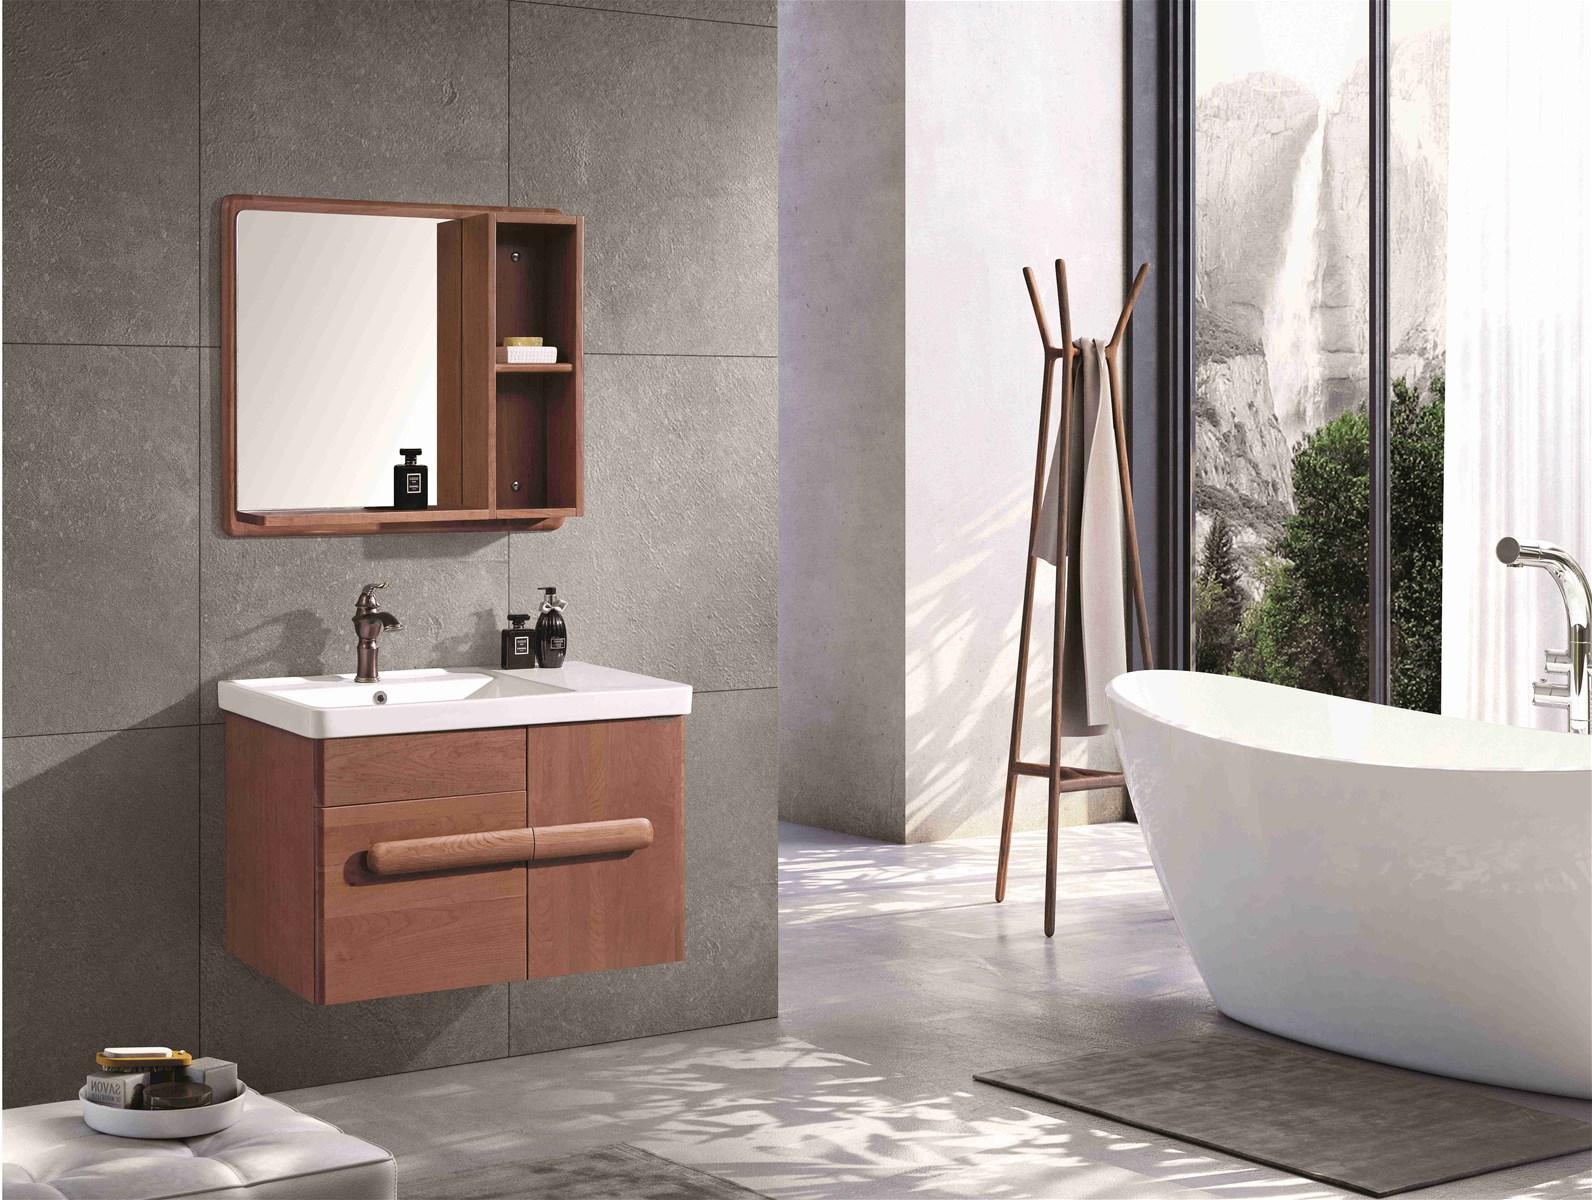 Morden style bathroom vanities